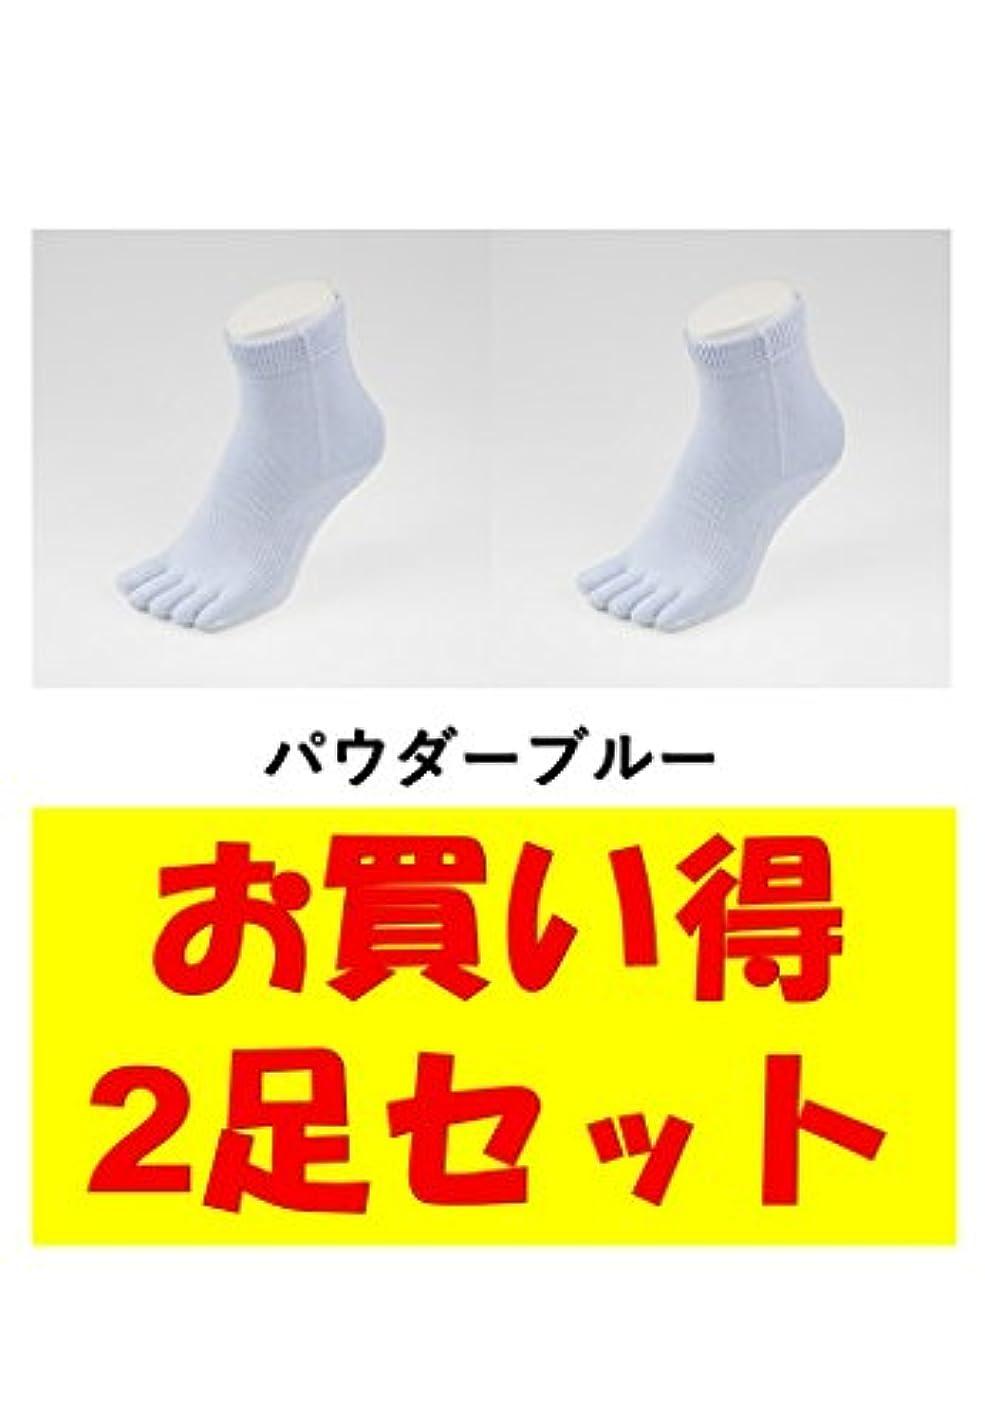 スポーツの試合を担当している人タイムリーなレルムお買い得2足セット 5本指 ゆびのばソックス Neo EVE(イヴ) パウダーブルー iサイズ(23.5cm - 25.5cm) YSNEVE-PBL